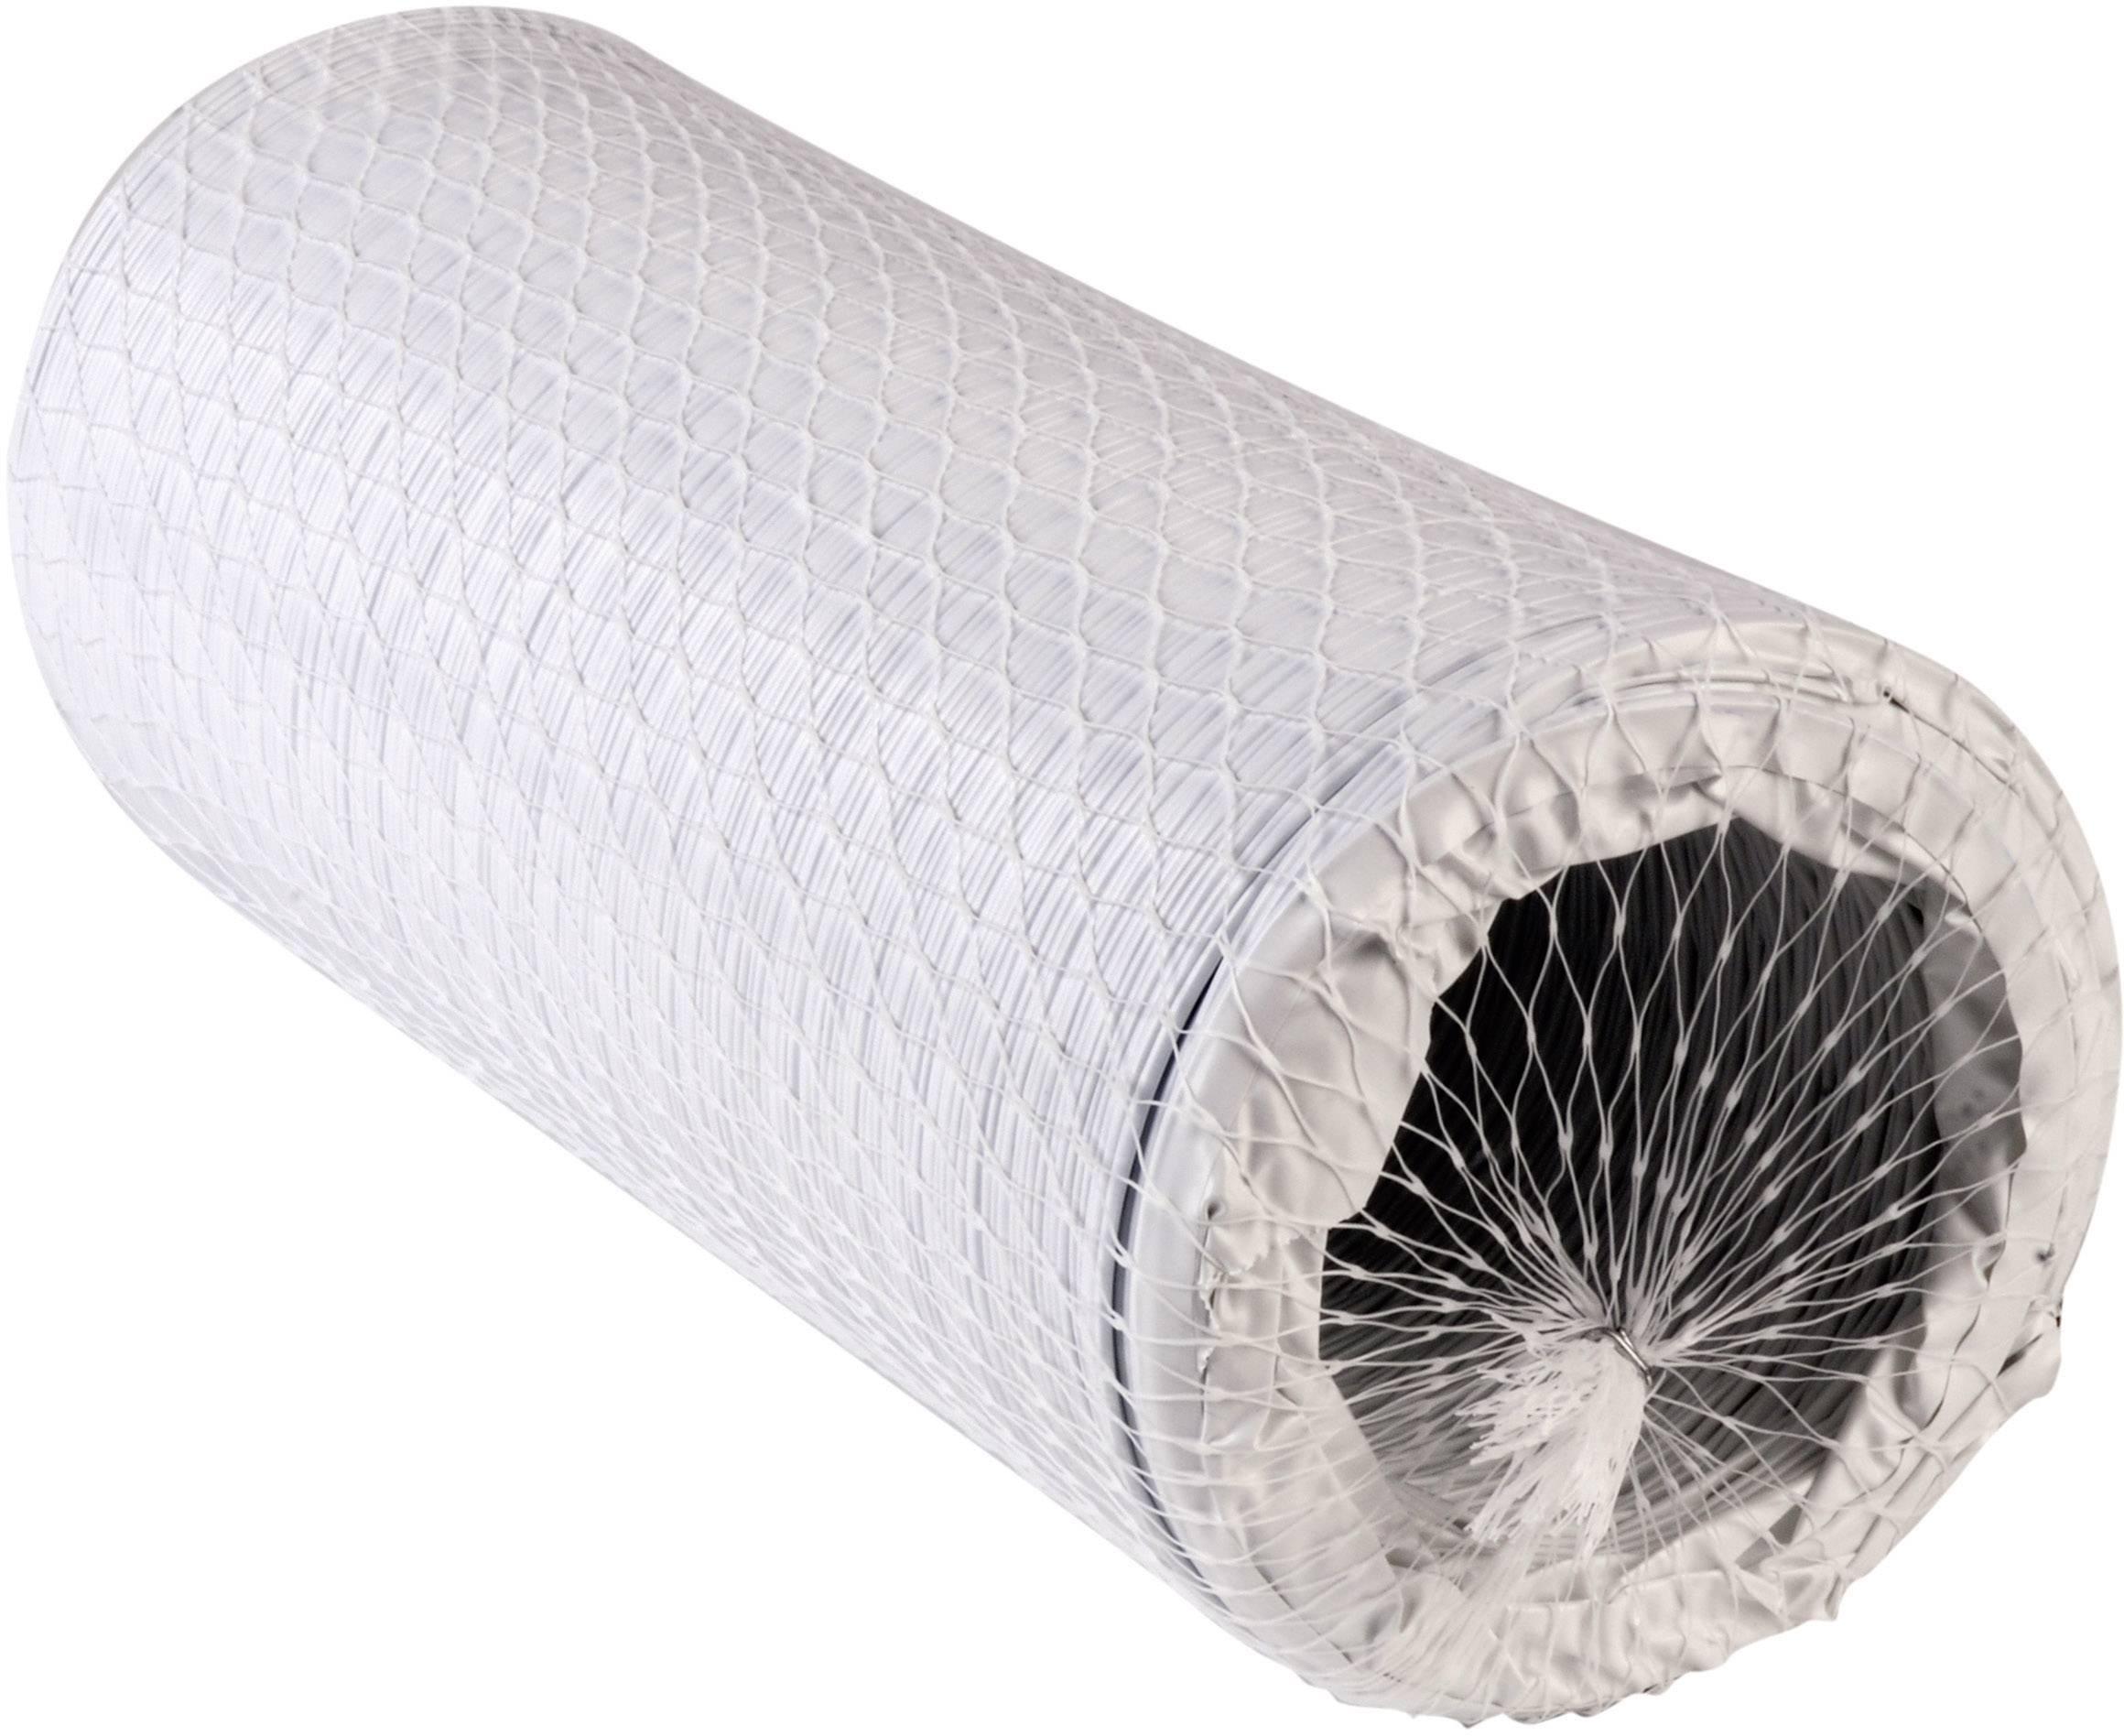 Flexibilní plastová spirálová hadice 127 mm, bílá, N52901